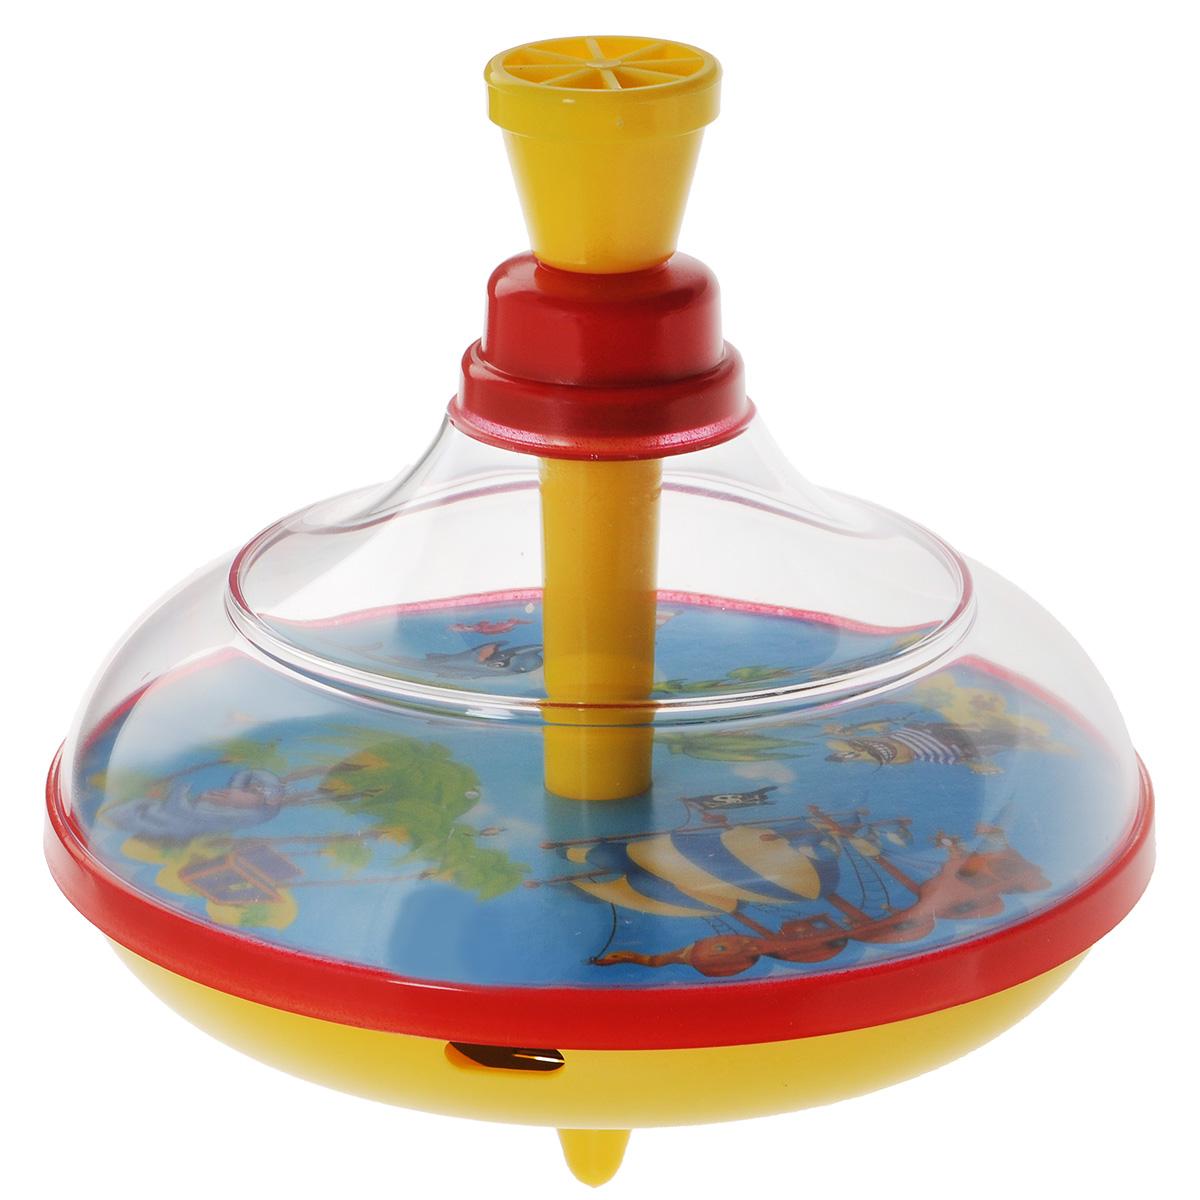 Юла Stellar Остров сокровищ. 0133101331Яркая развивающая юла Stellar Остров сокровищ станет для вашего малыша любимой игрушкой. Юла выполнена из безопасного пластика в яркой цветовой гамме и оформлена внутри красочными рисунками. Стоит раскрутить юлу, нажав на ручку, и рисунки завертятся веселым хороводом! Юла - динамическая игрушка для самых маленьких, которая стимулирует познавательную активность, развивает наглядно-действенное мышление, координацию движений и мелкую моторику рук. Порадуйте своего непоседу таким великолепным подарком!